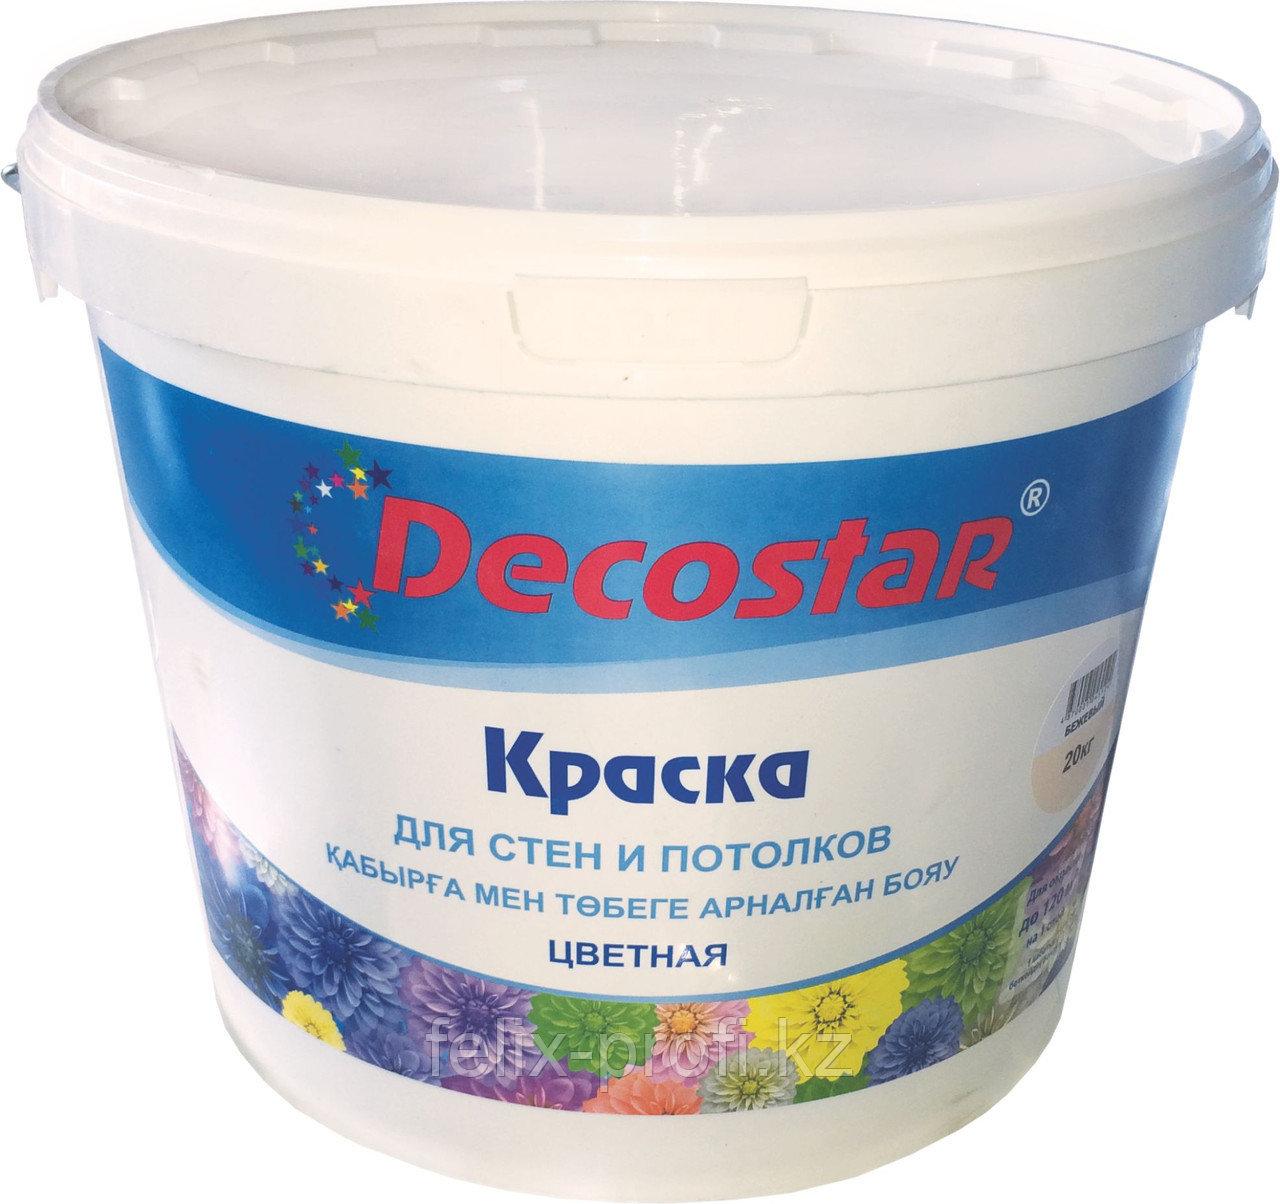 Decostar для стен и потолков, цвет светло-розовый, 20 кг